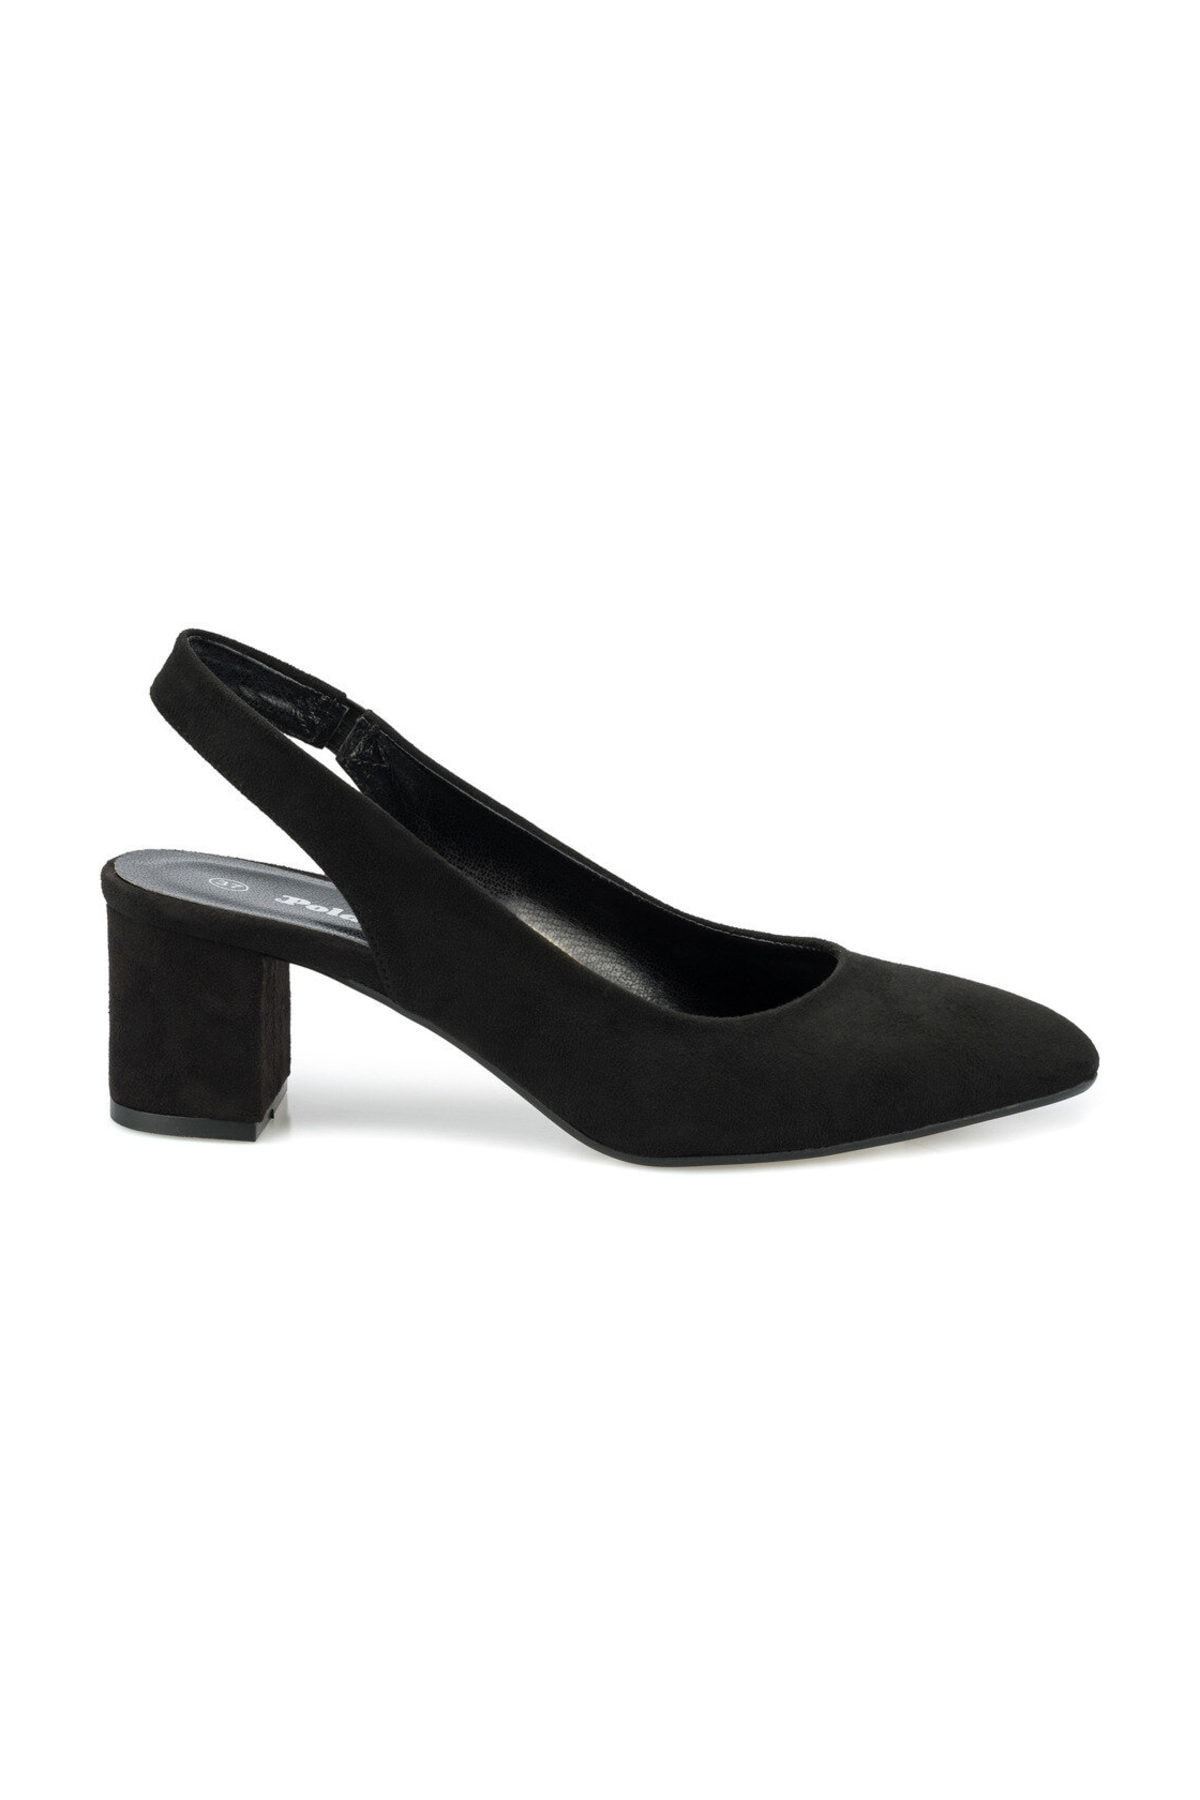 Polaris 315122.Z Siyah Kadın Gova Ayakkabı 100507142 2